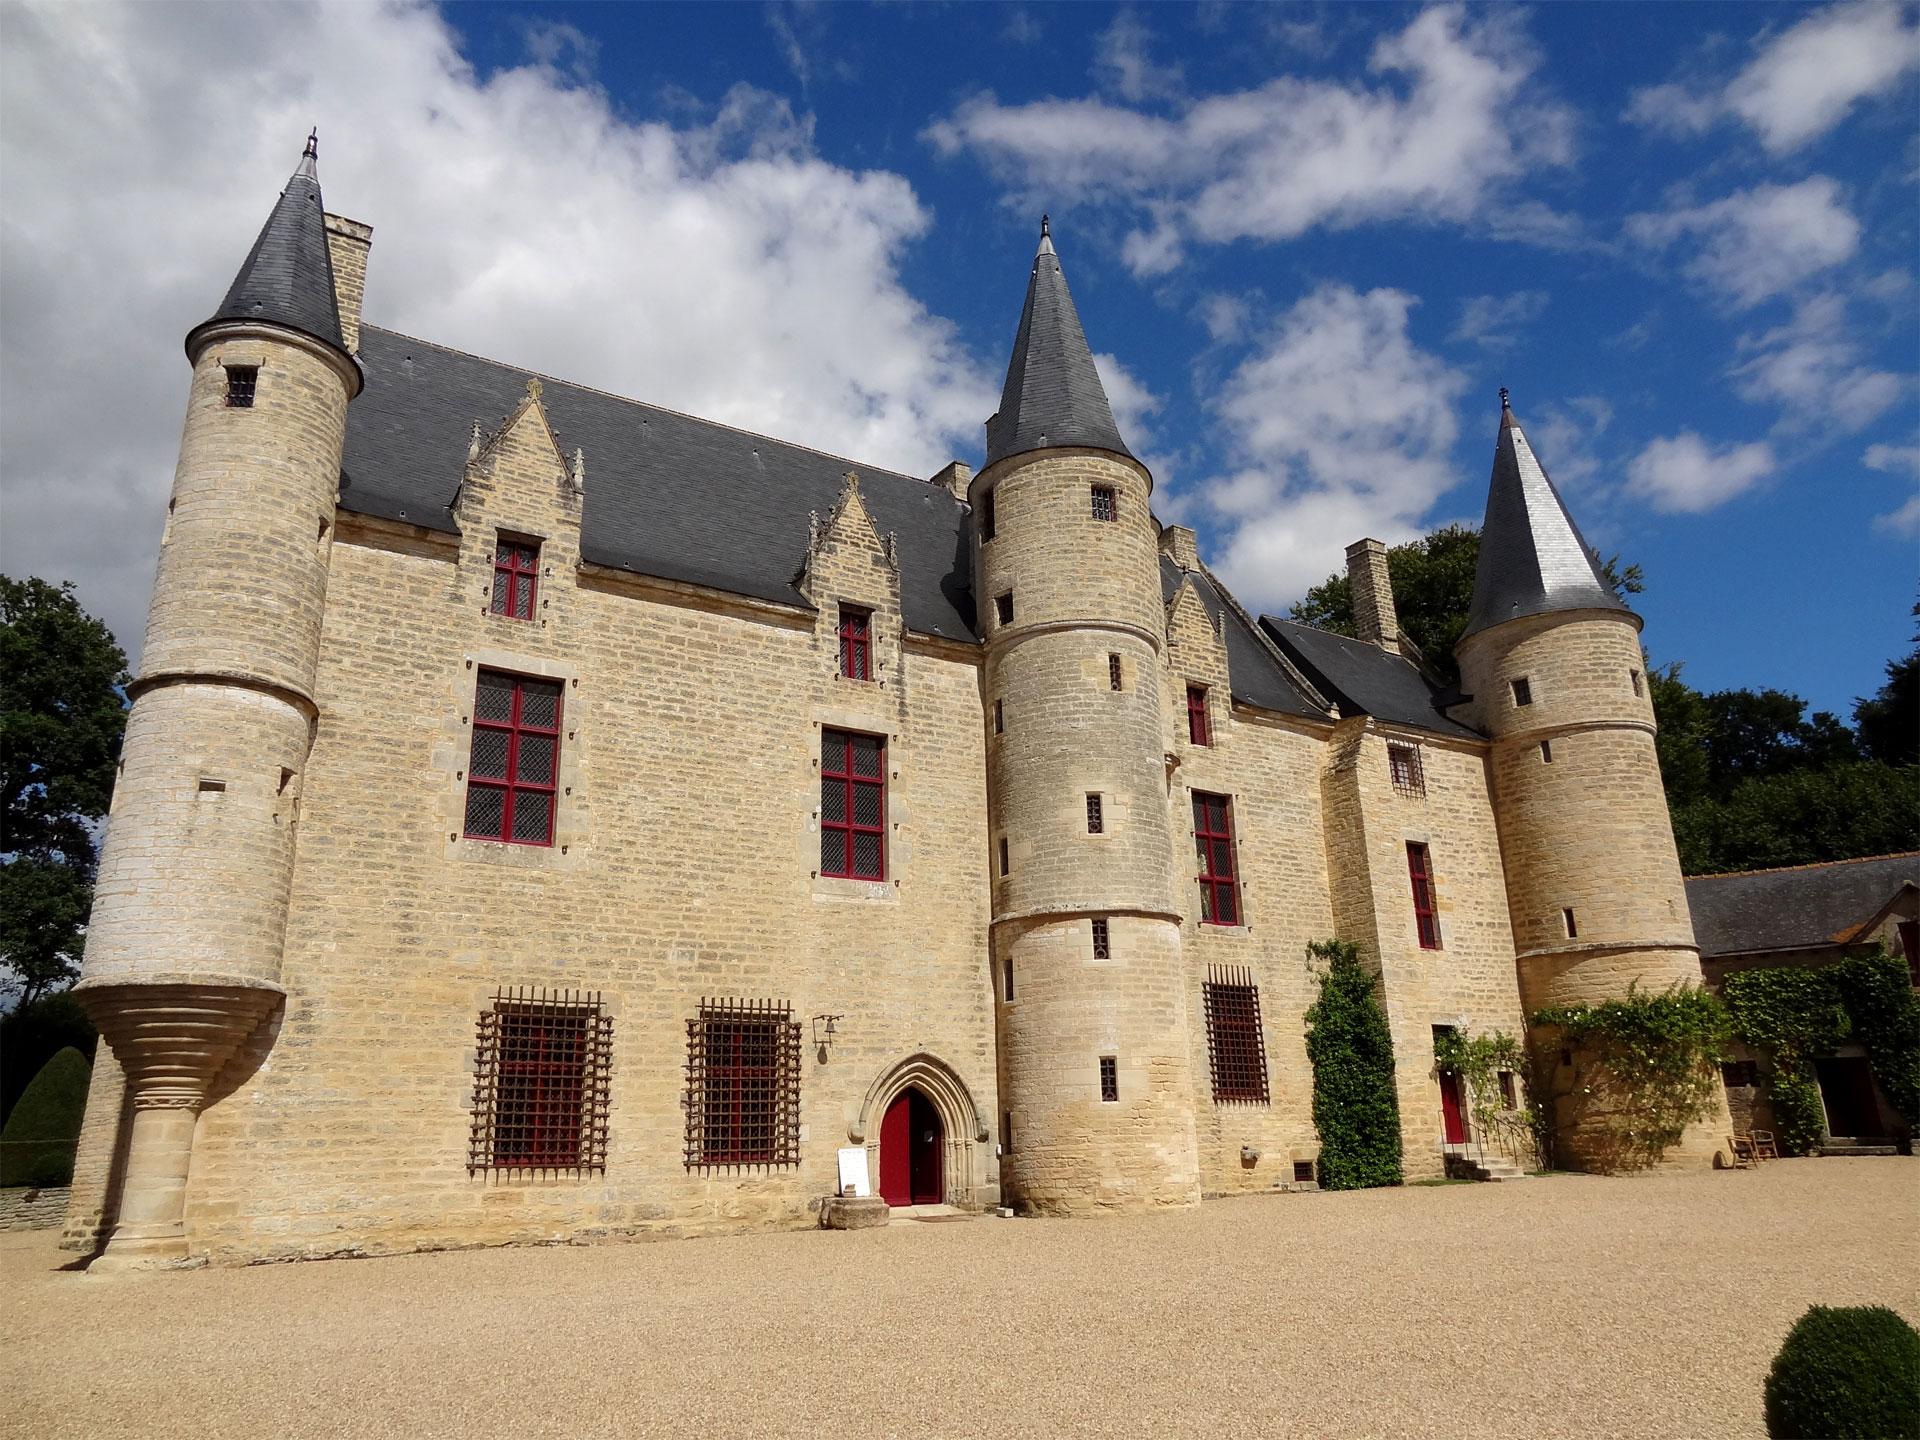 Château du Hac, Le Quiou